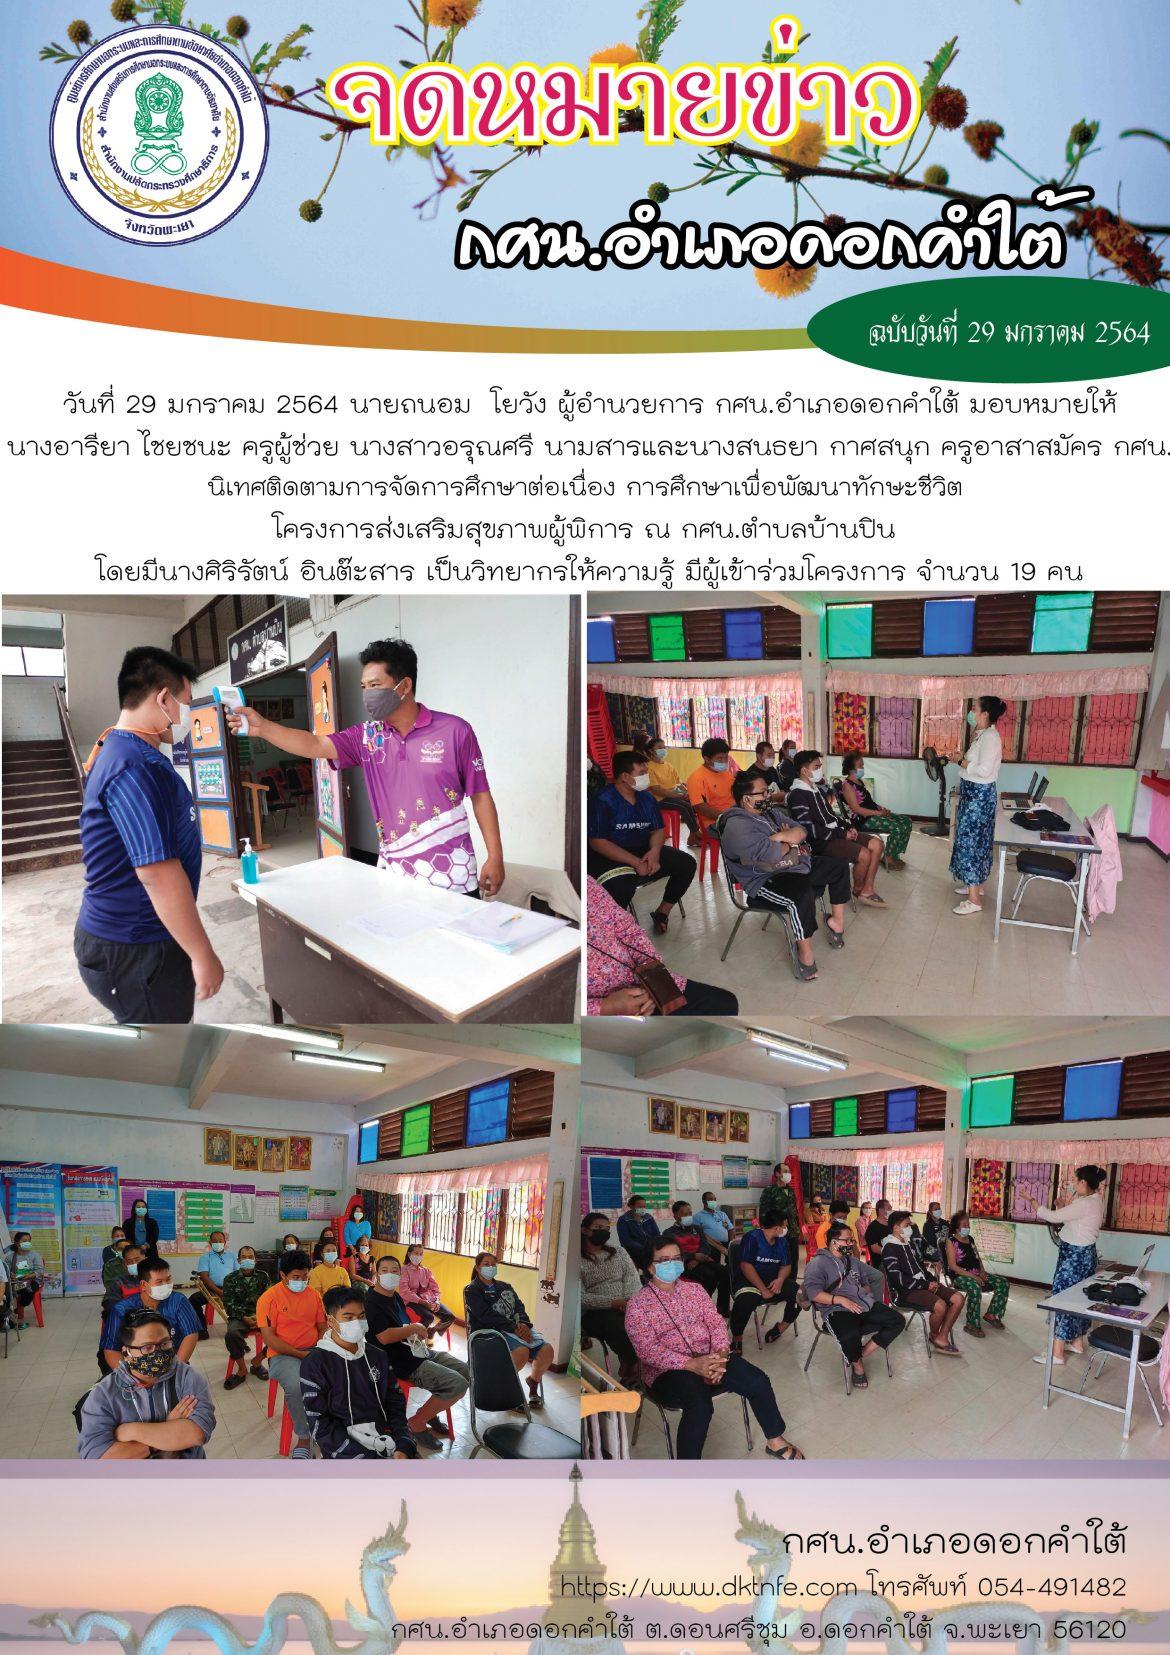 นิเทศติดตามการจัดการศึกษาต่อเนื่อง การศึกษาเพื่อพัฒนาทักษะชีวิต โครงการส่งเสริมสุขภาพผู้พิการ